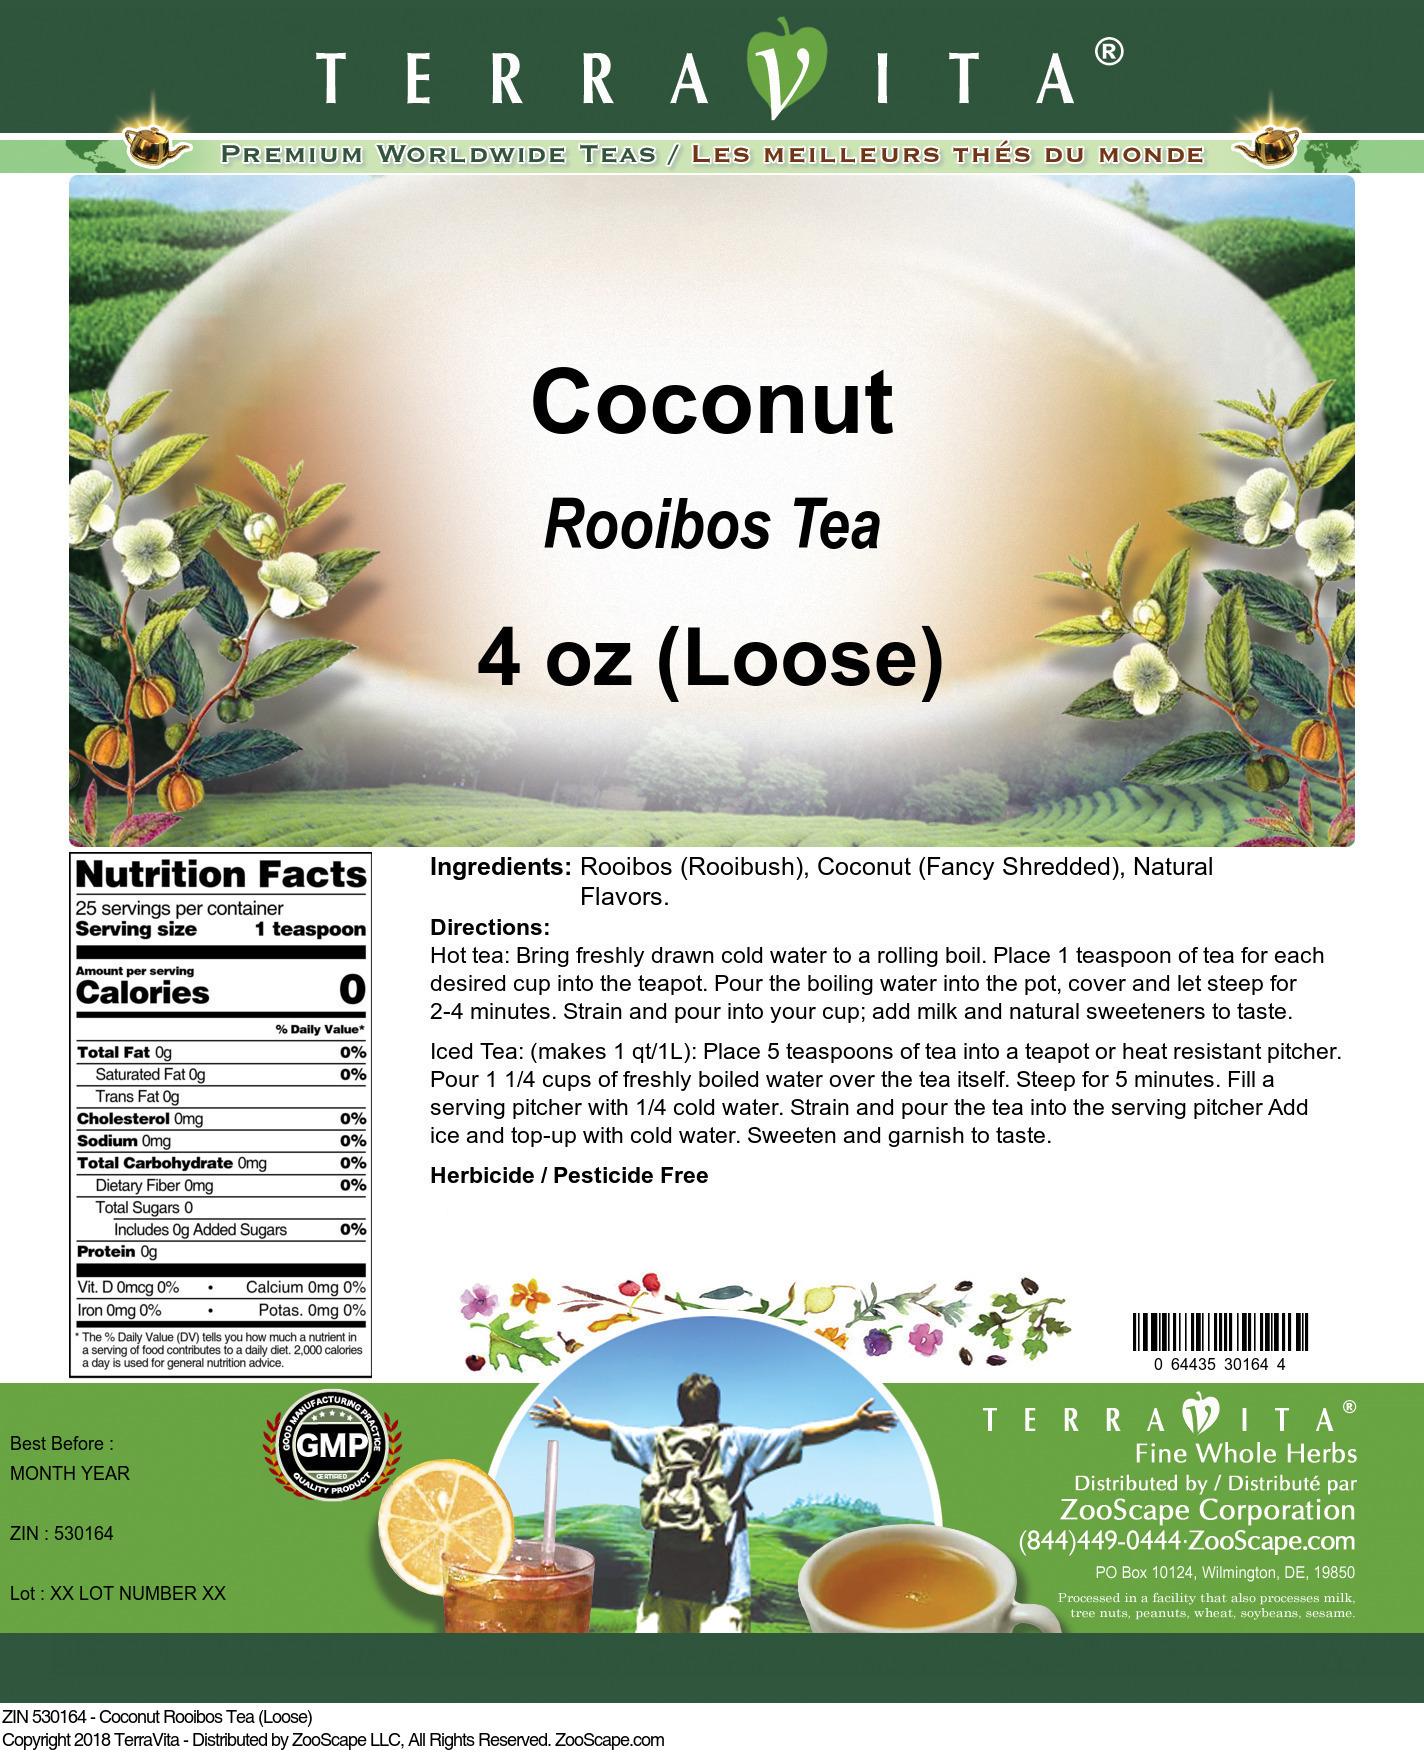 Coconut Rooibos Tea